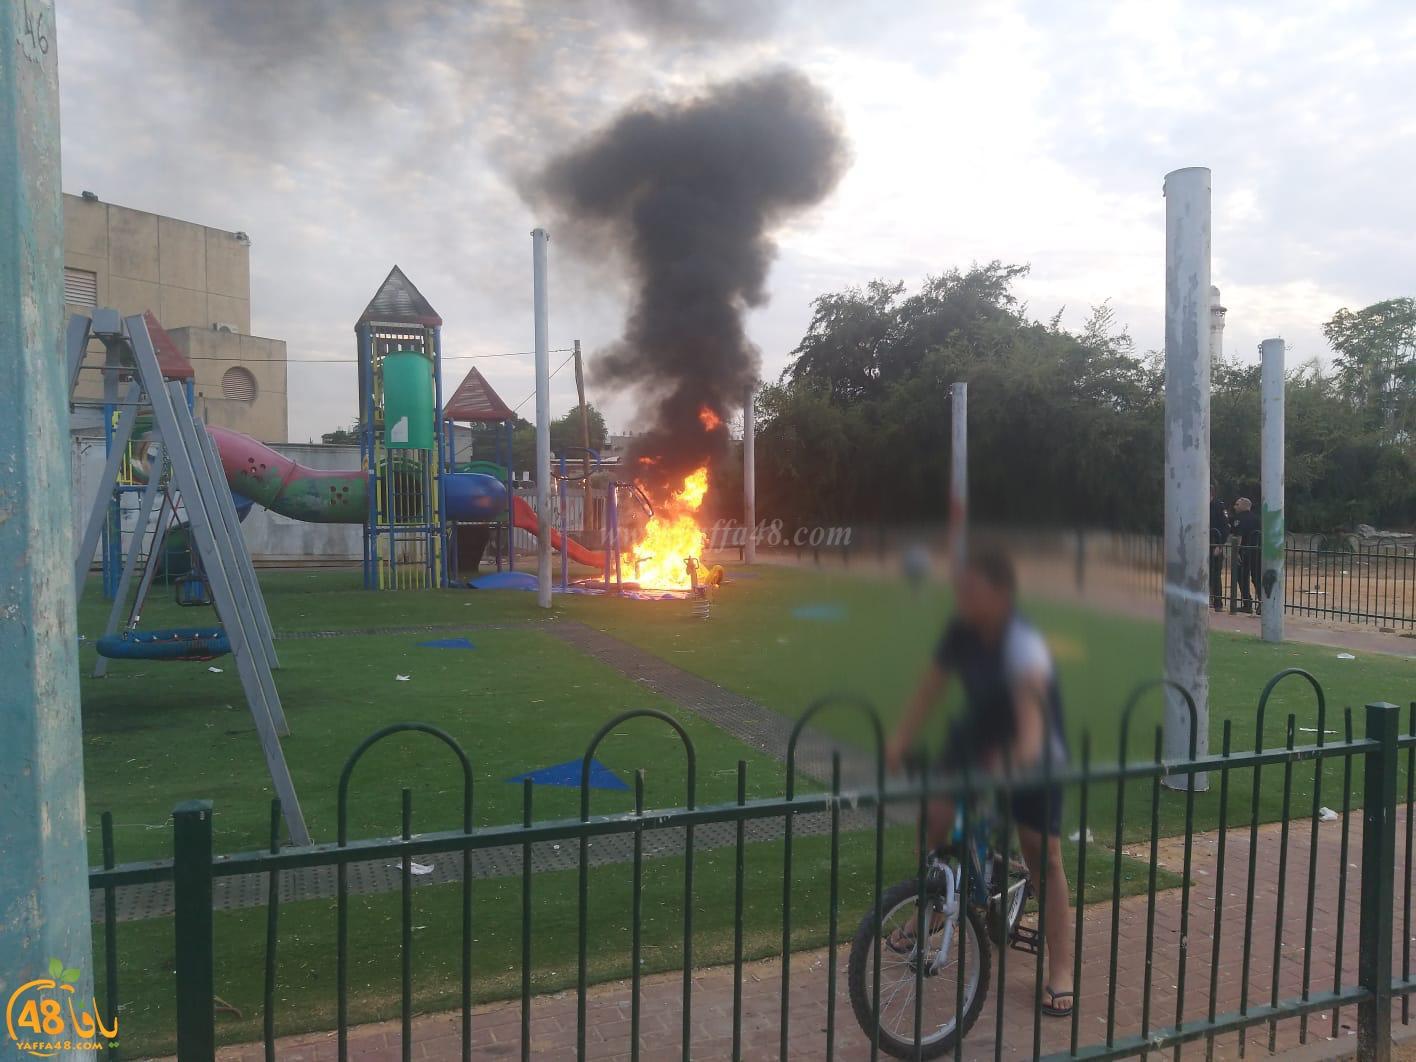 تخريب ممتلكات المدينة - حريق في حديقة ألعاب للأطفال في حي رمات أشكول باللد